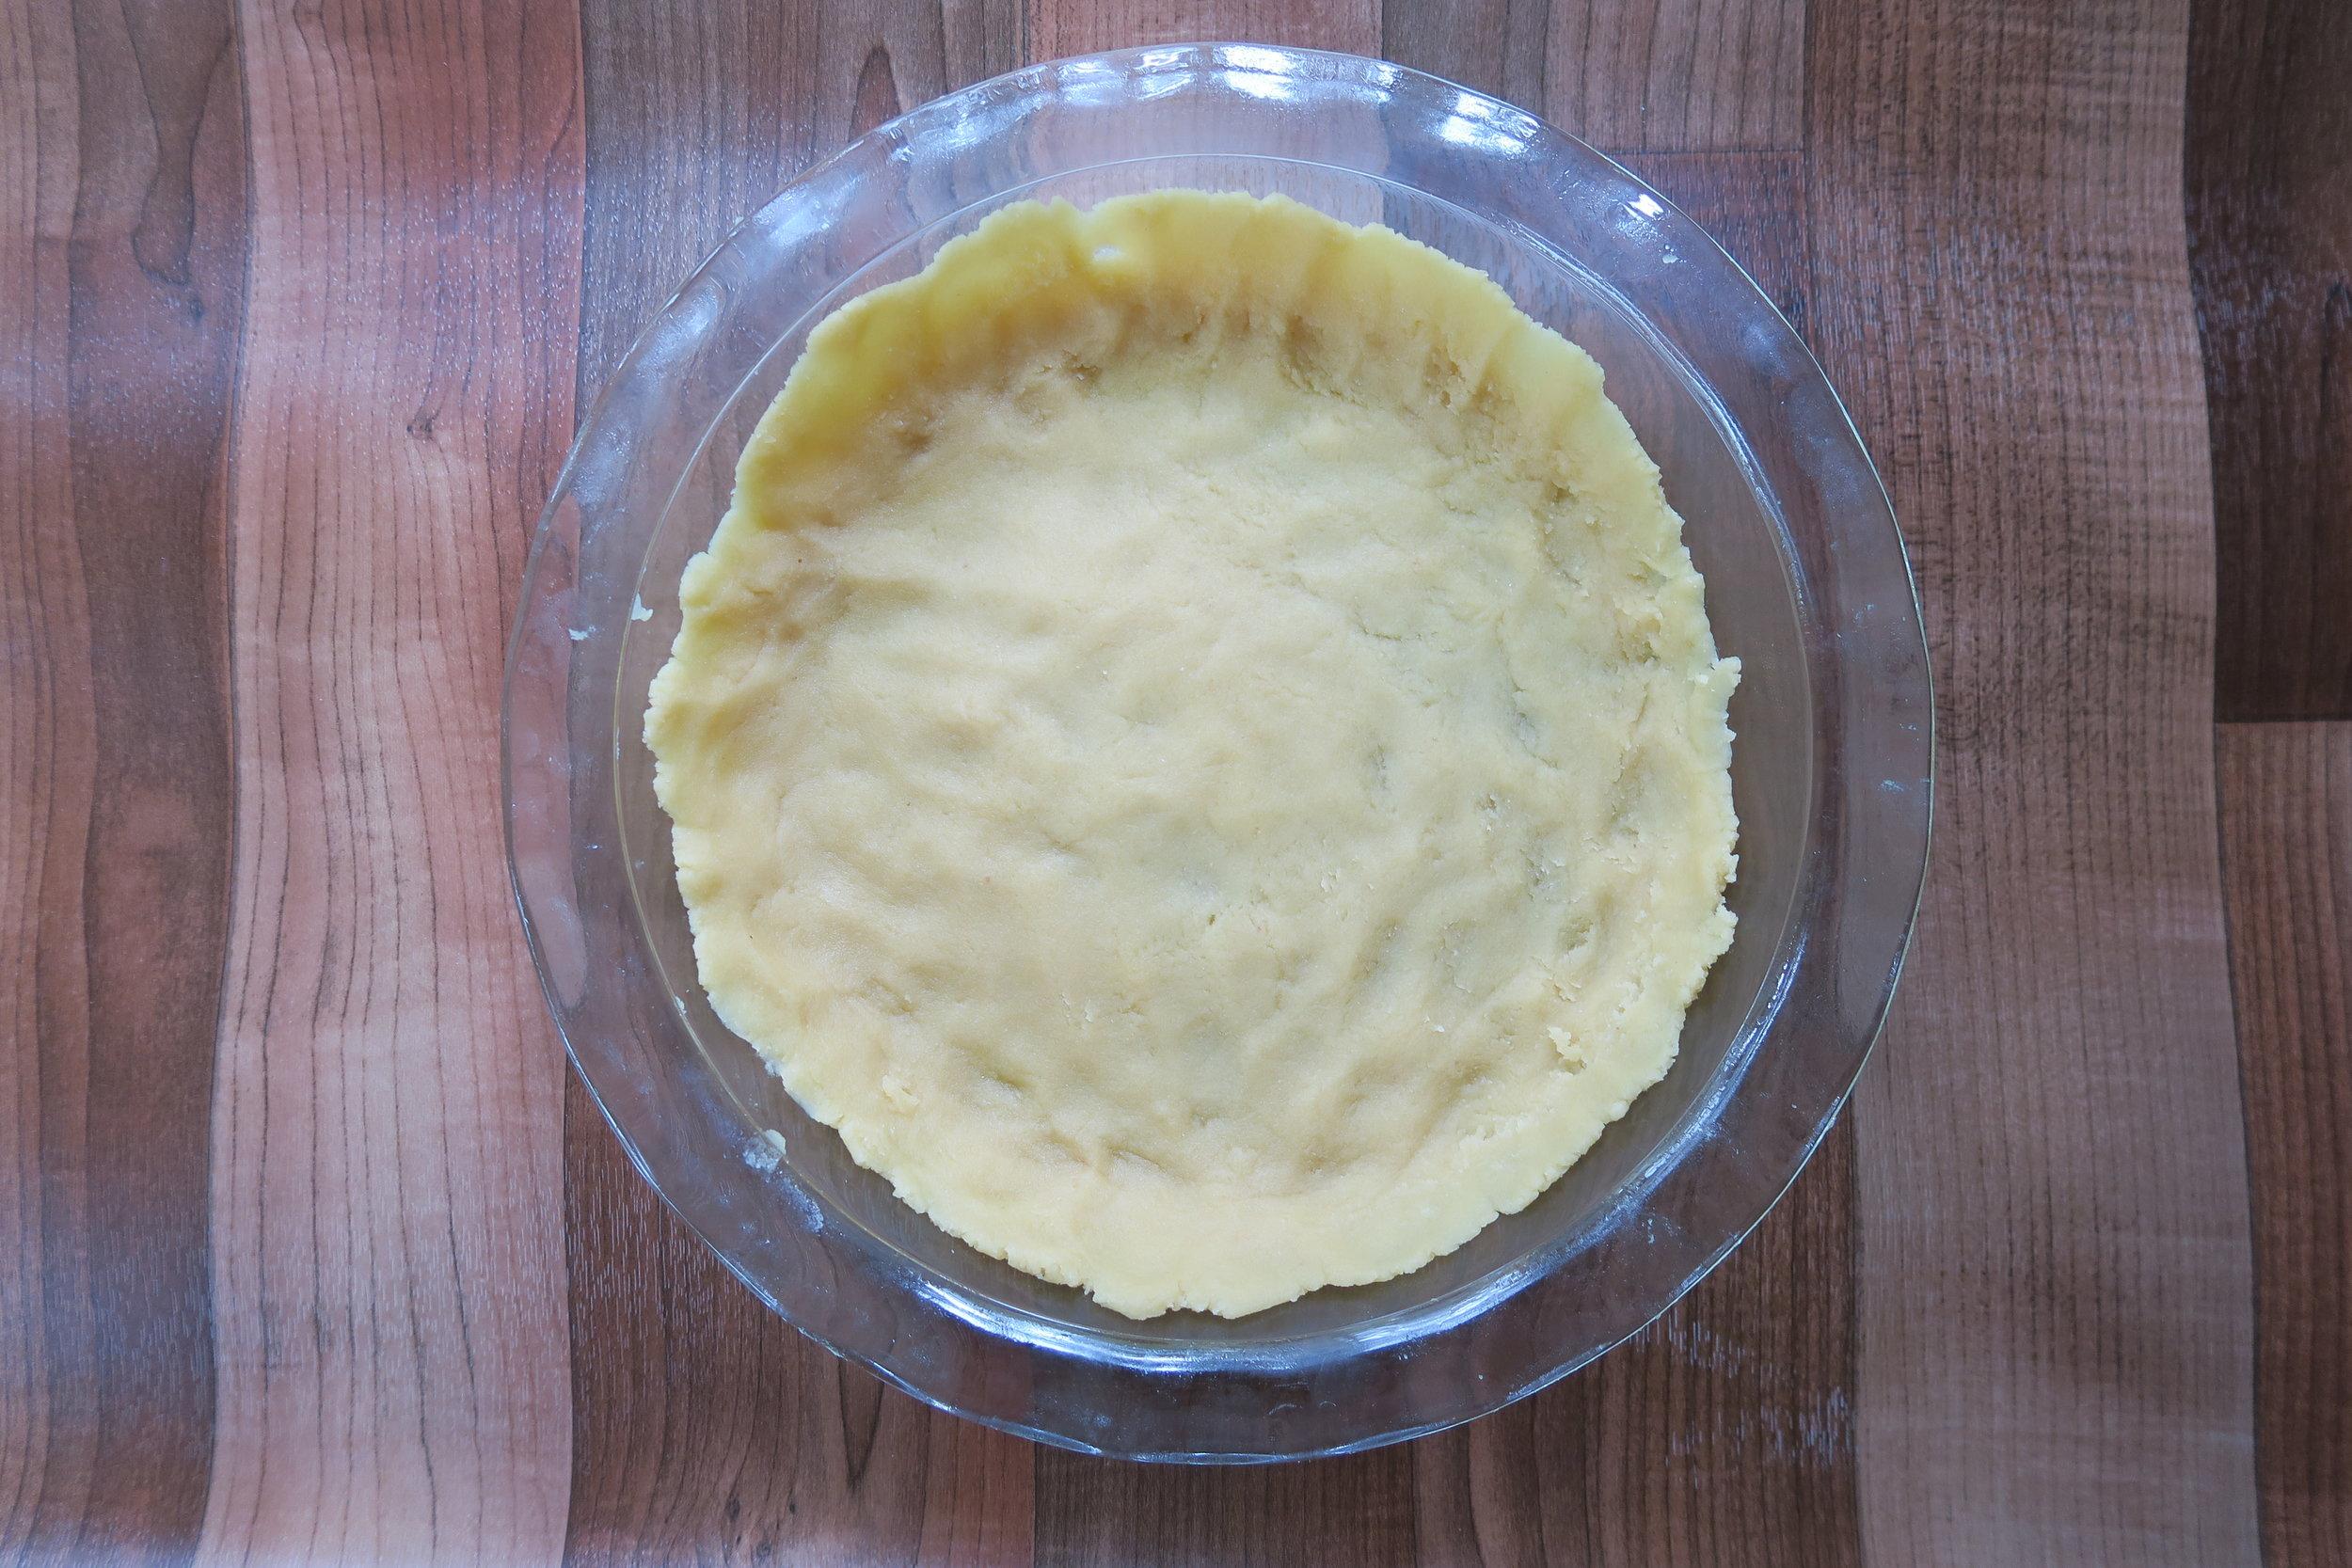 quiche crust.JPG